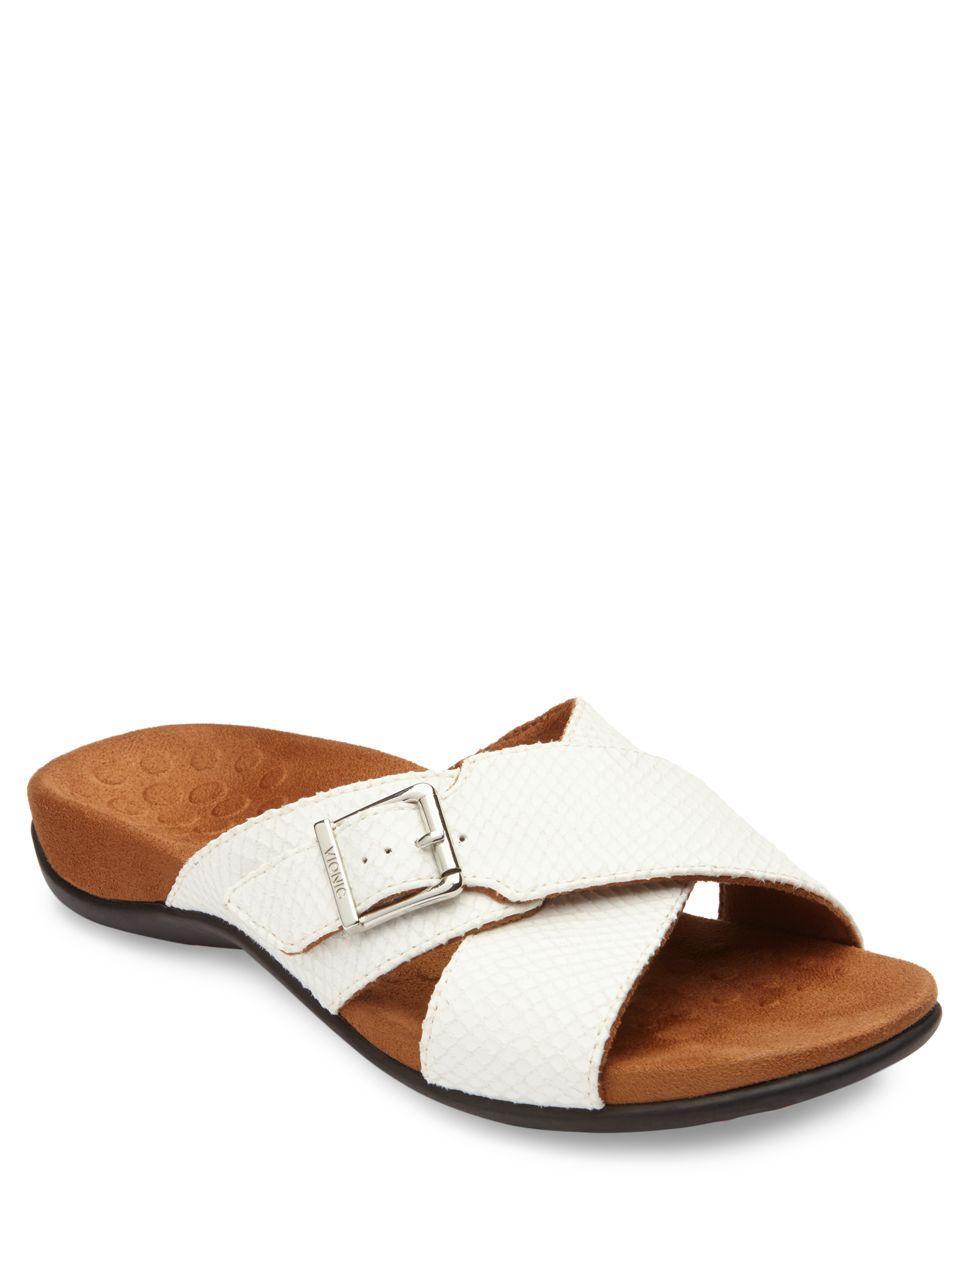 Lyst - Vionic Dorie Crisscross Slide Sandals in White